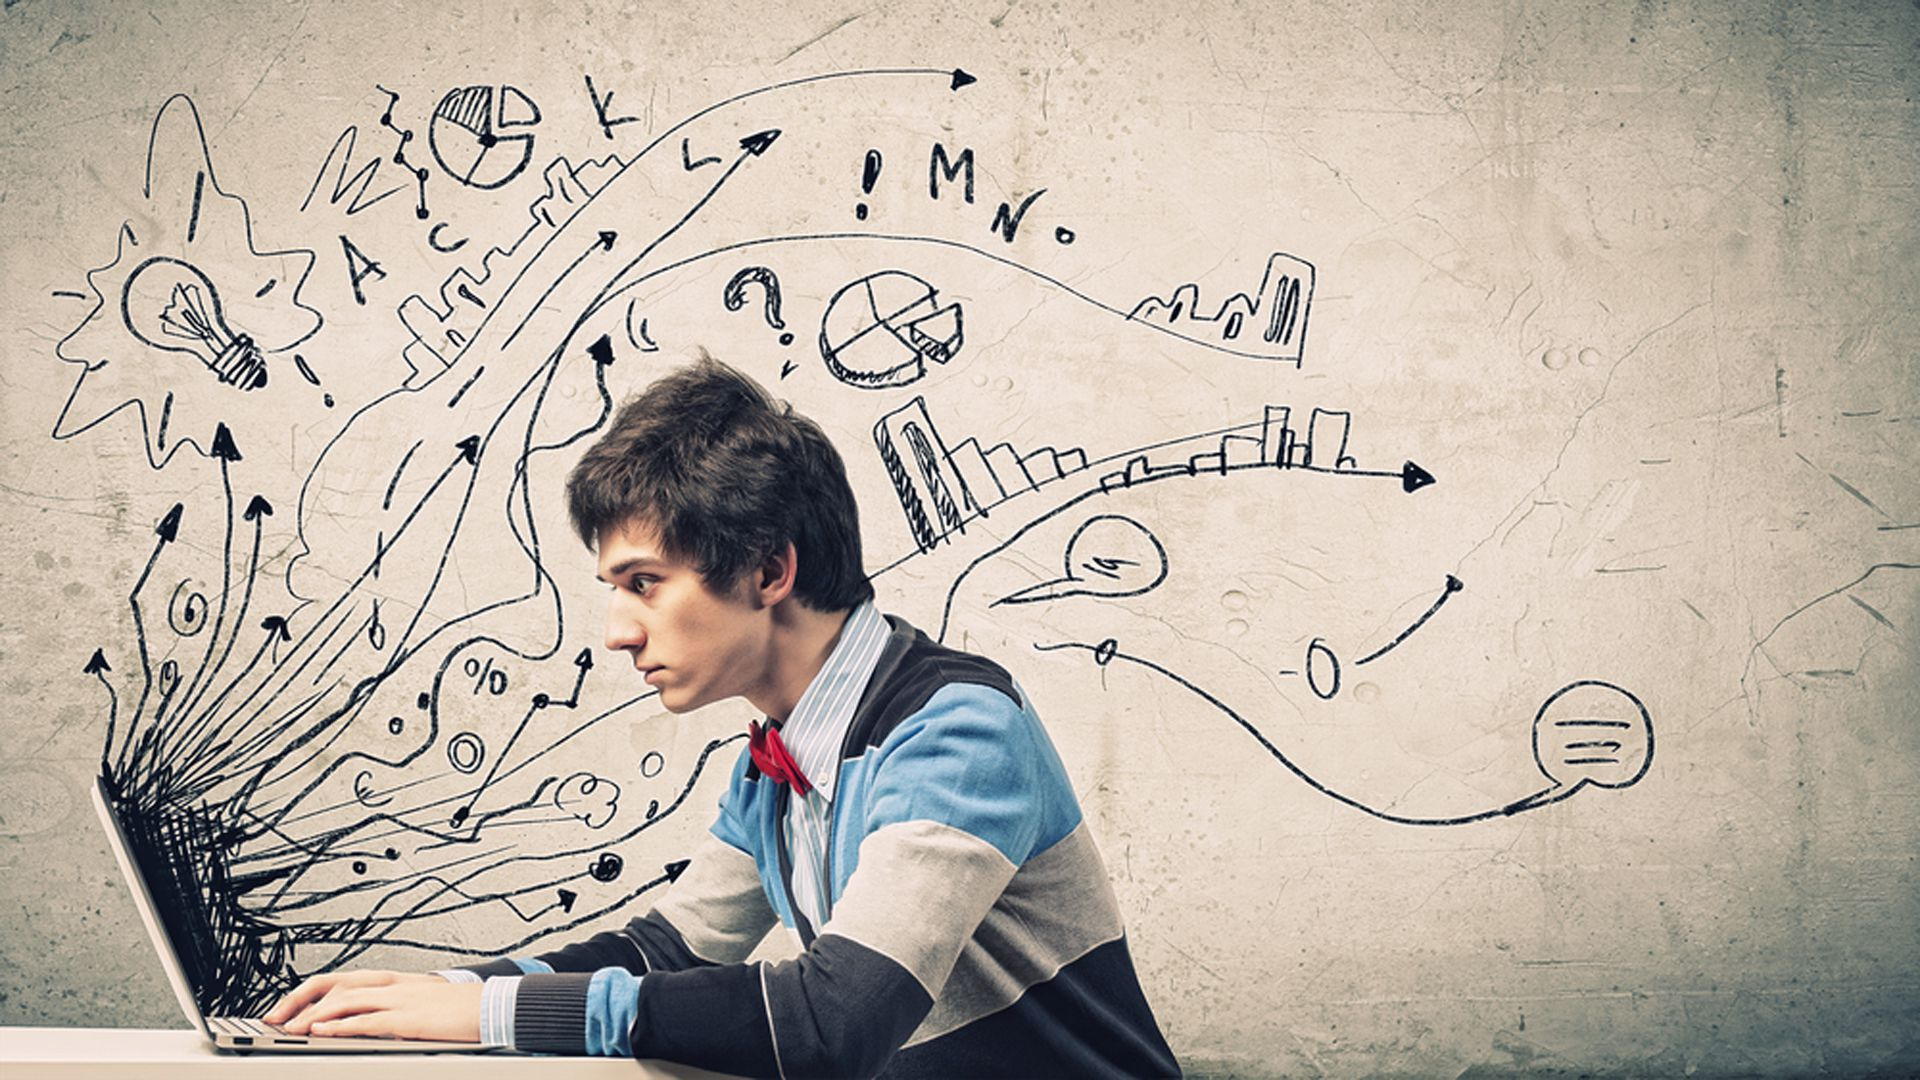 Los jóvenes y la creatividad, el futuro del cual depende la sociedad (Shutterstock)